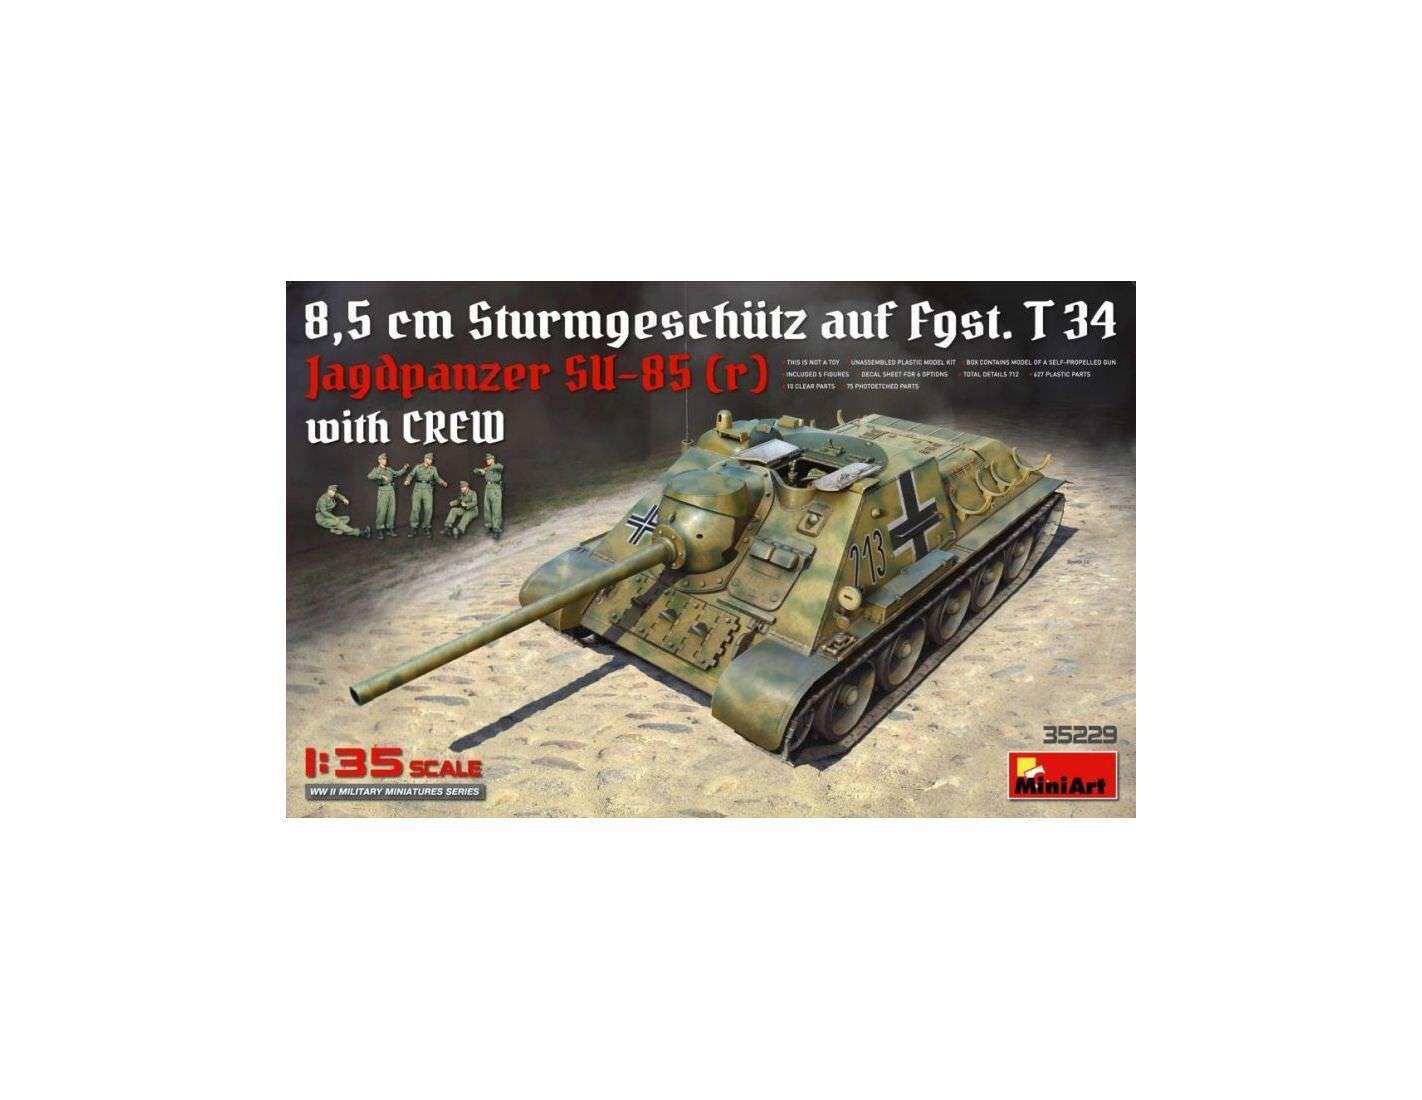 Miniart MIN35229 JAGDPANZER SU-85 (R) W CREW KIT 1 35 Modellino